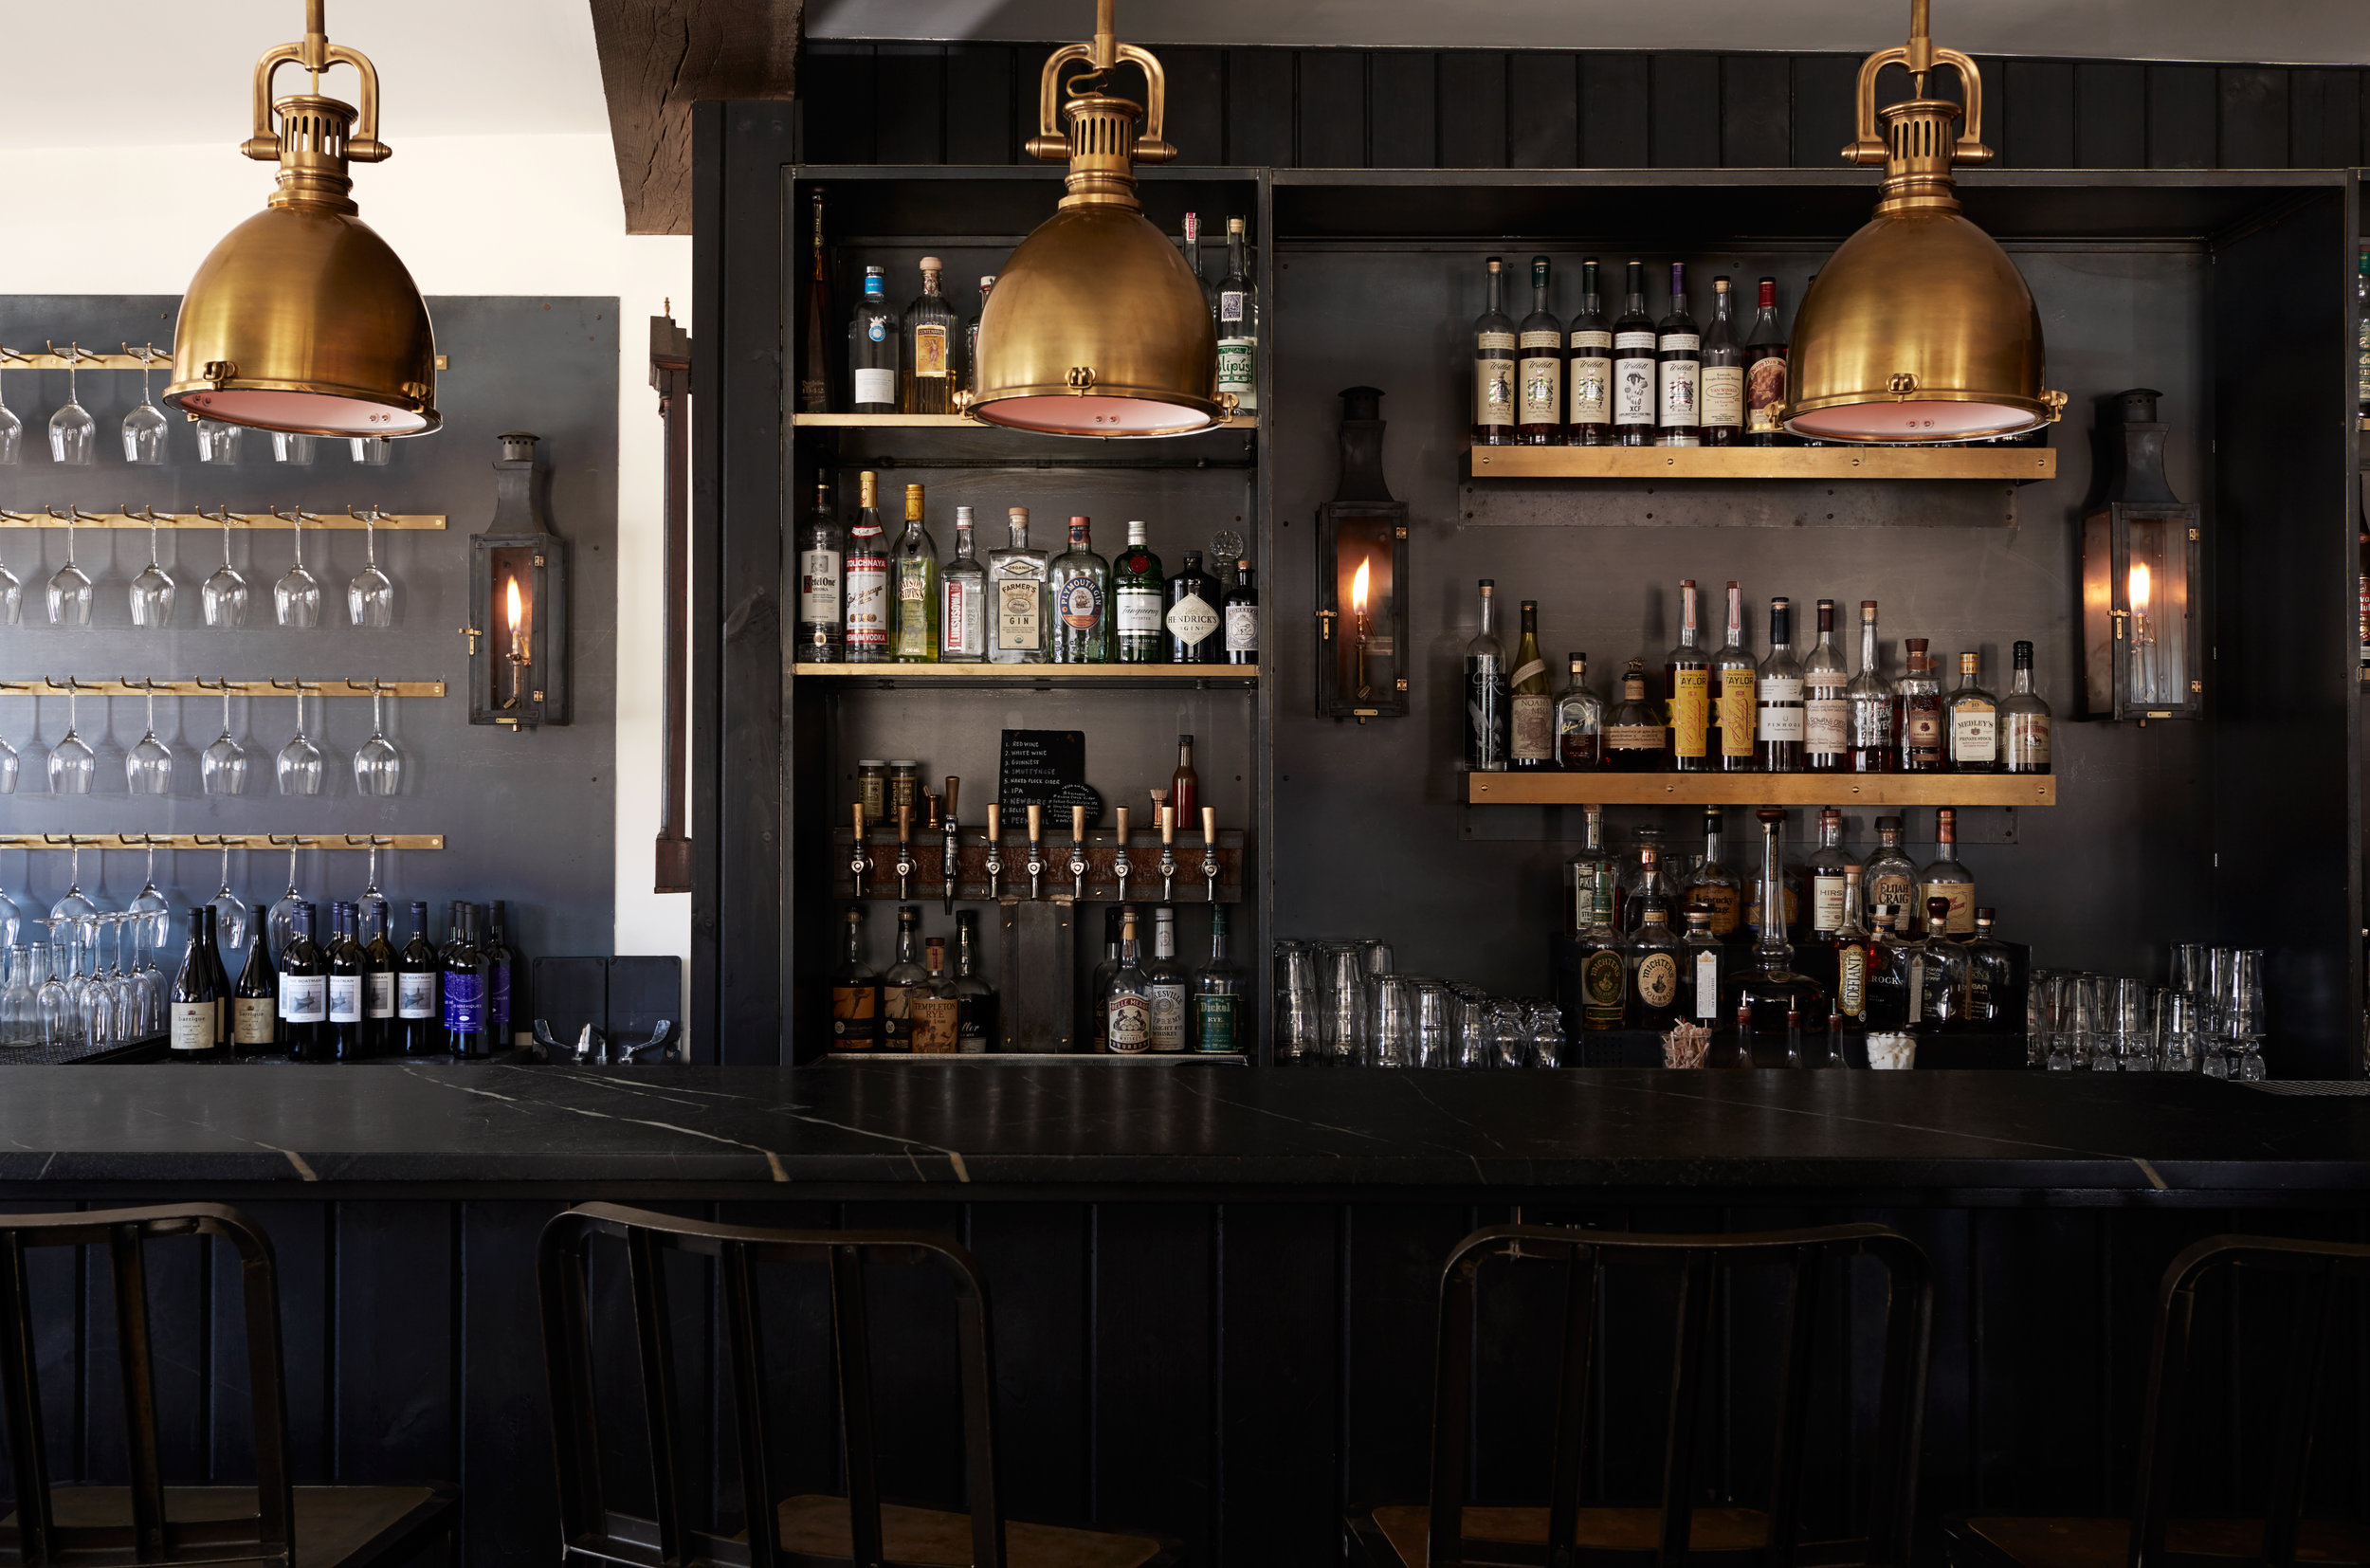 Restaurant_06_Full-Res copy.jpg